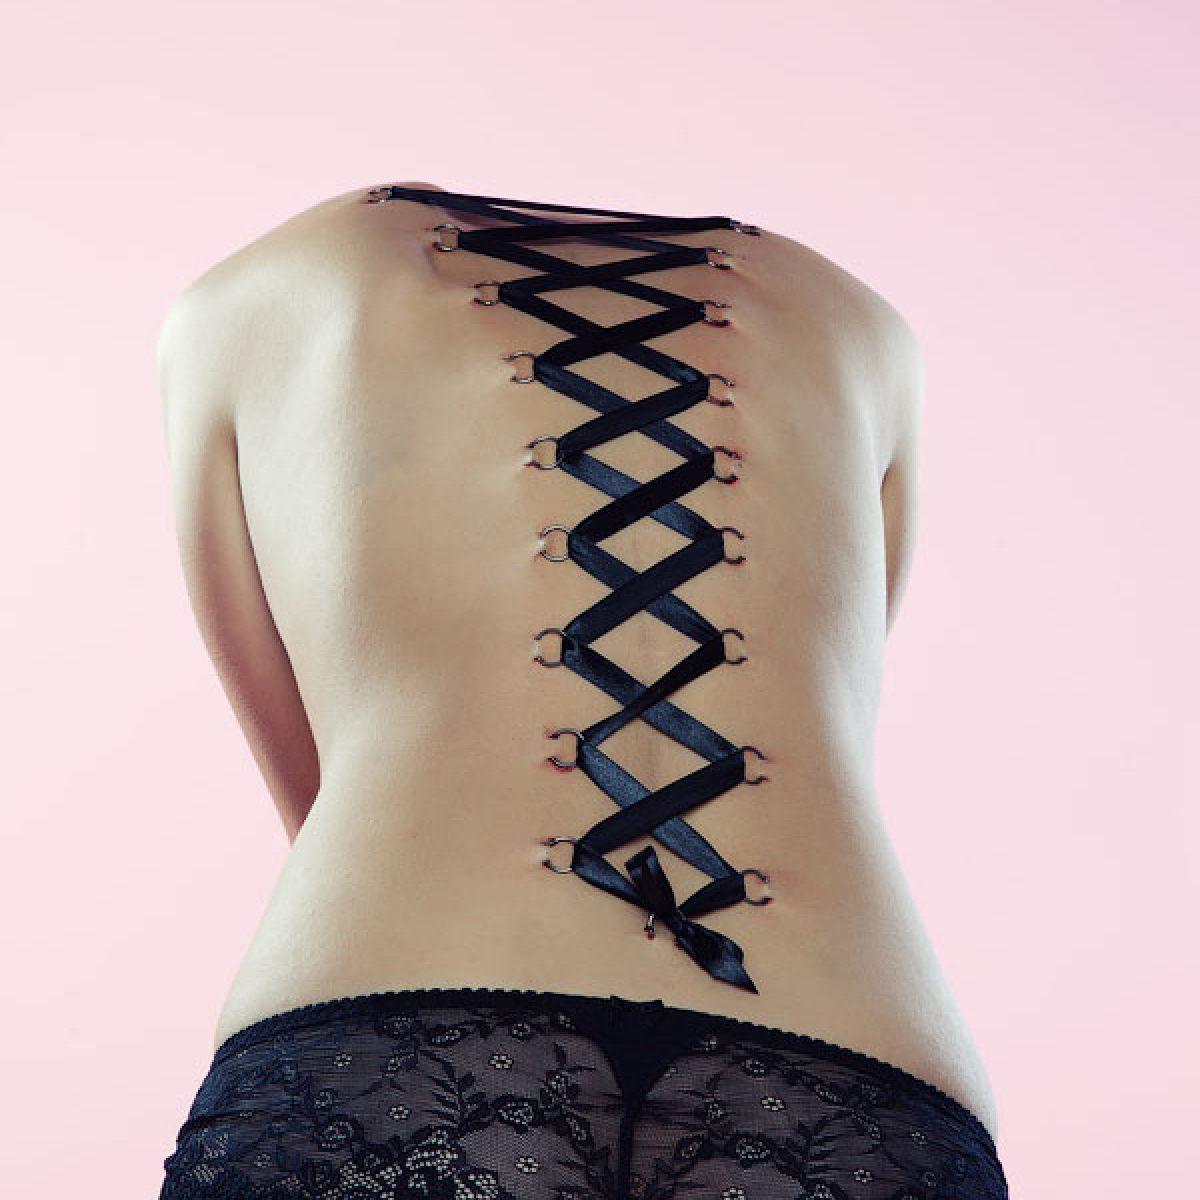 Пирсинг-корсет на спине и ножках